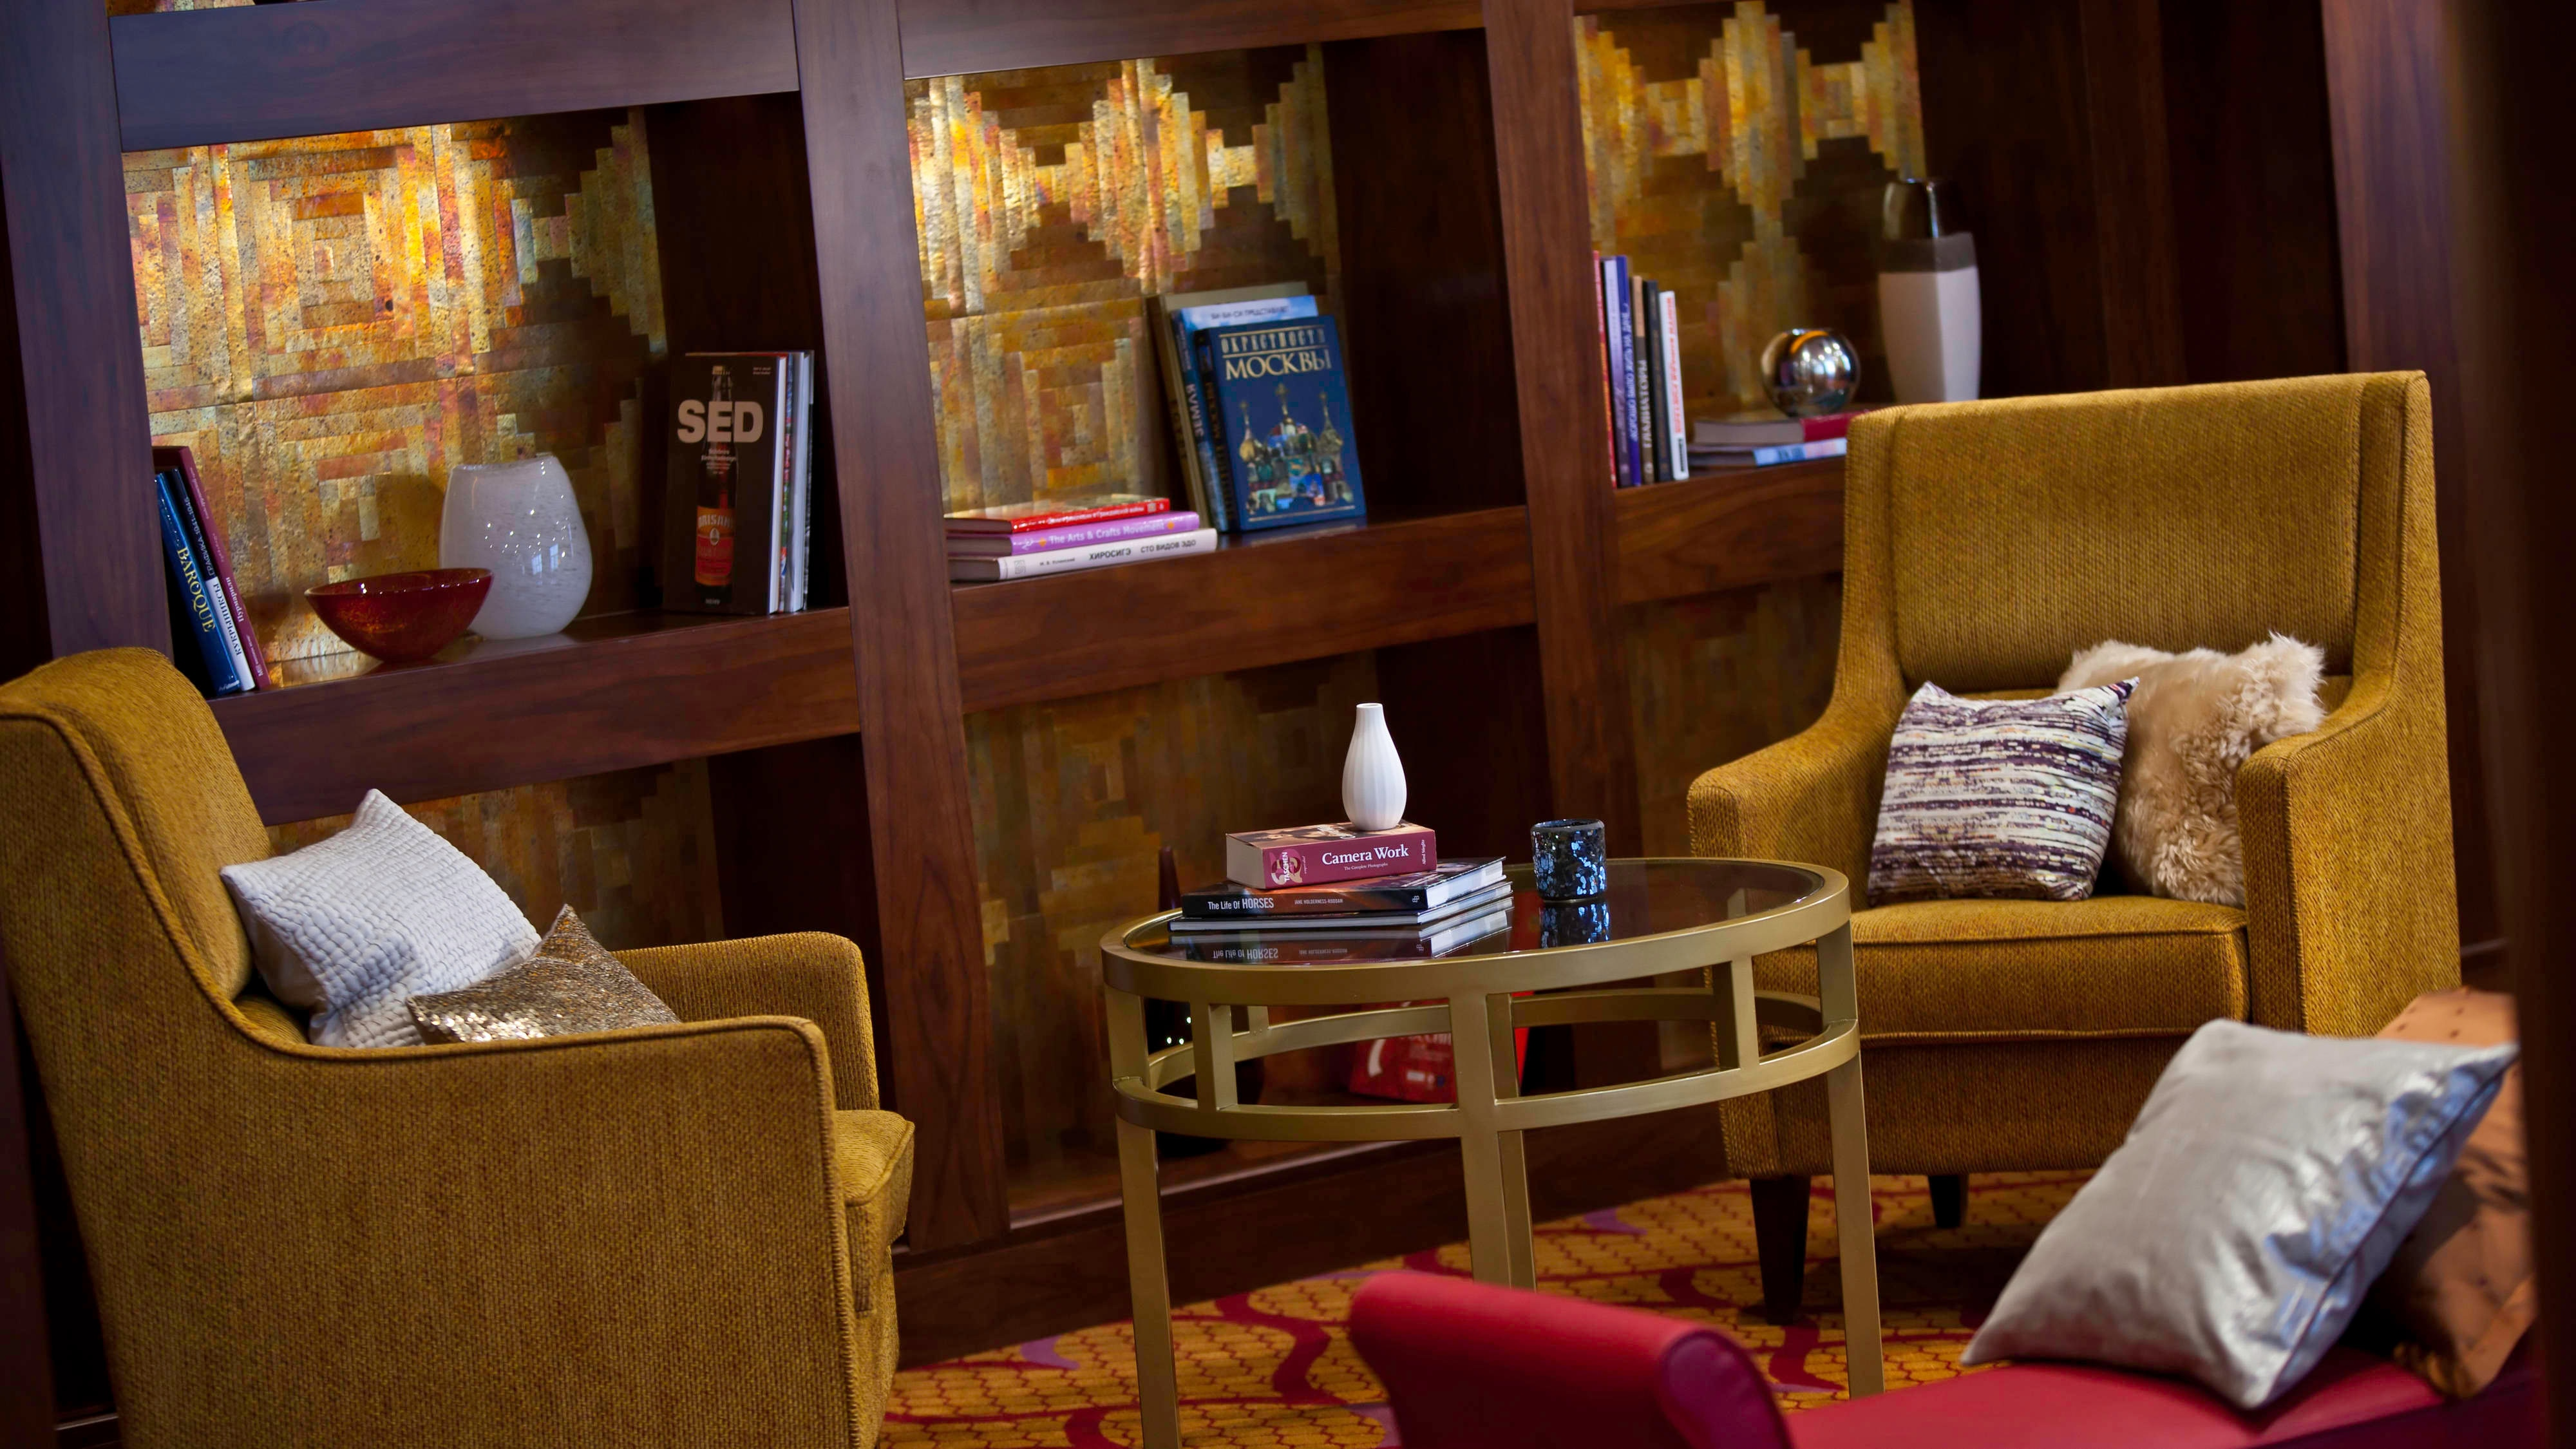 Представительский лаунж-бар в отеле Renaissance Monarch Hotel (Москва)